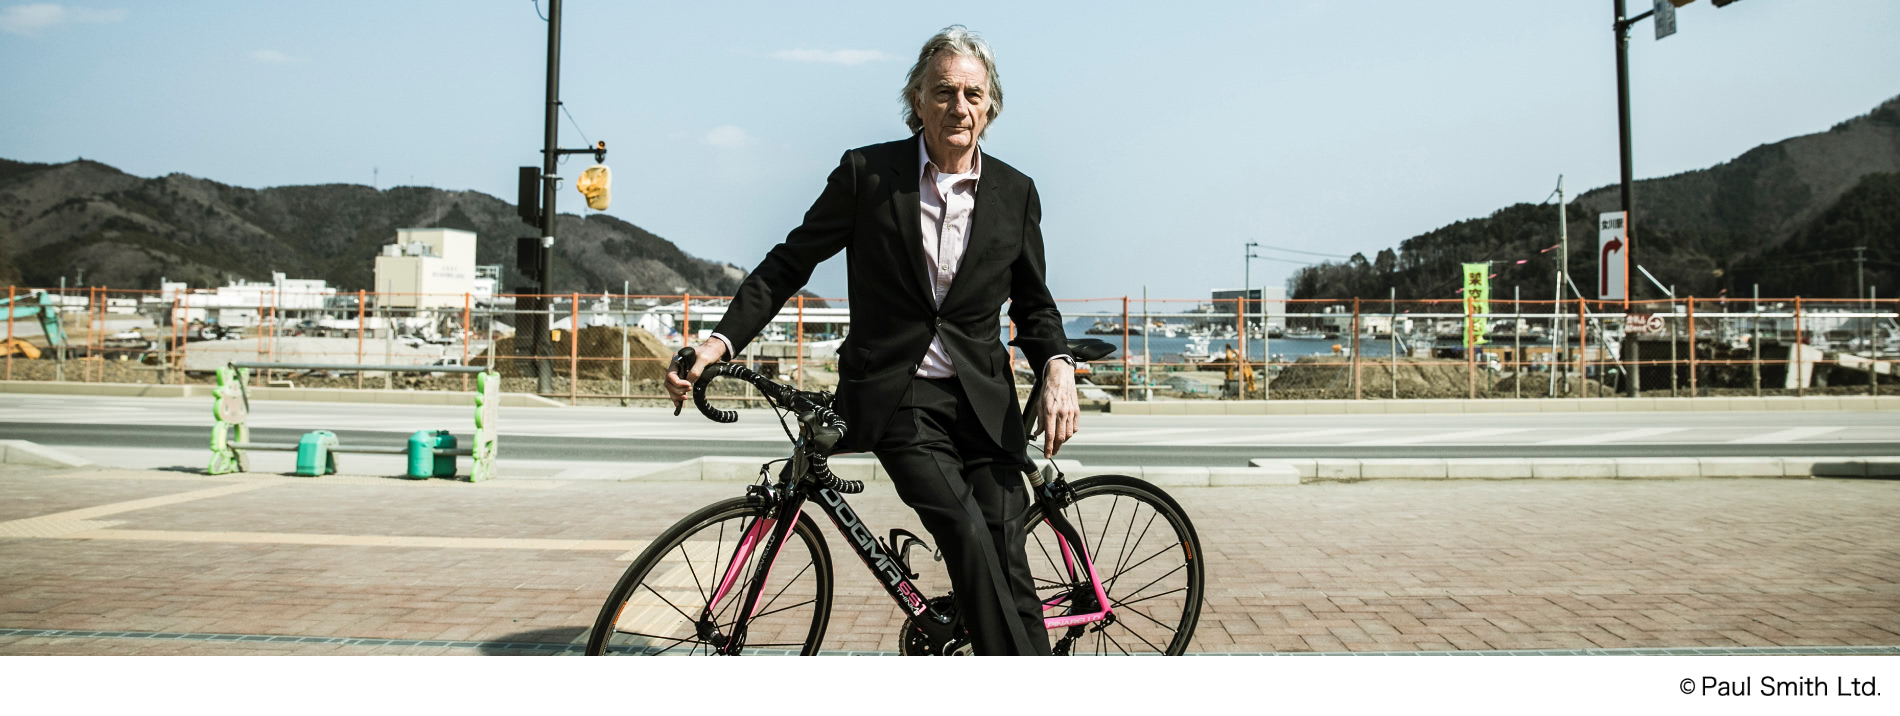 自転車にもたれかかるポール・スミス氏の写真